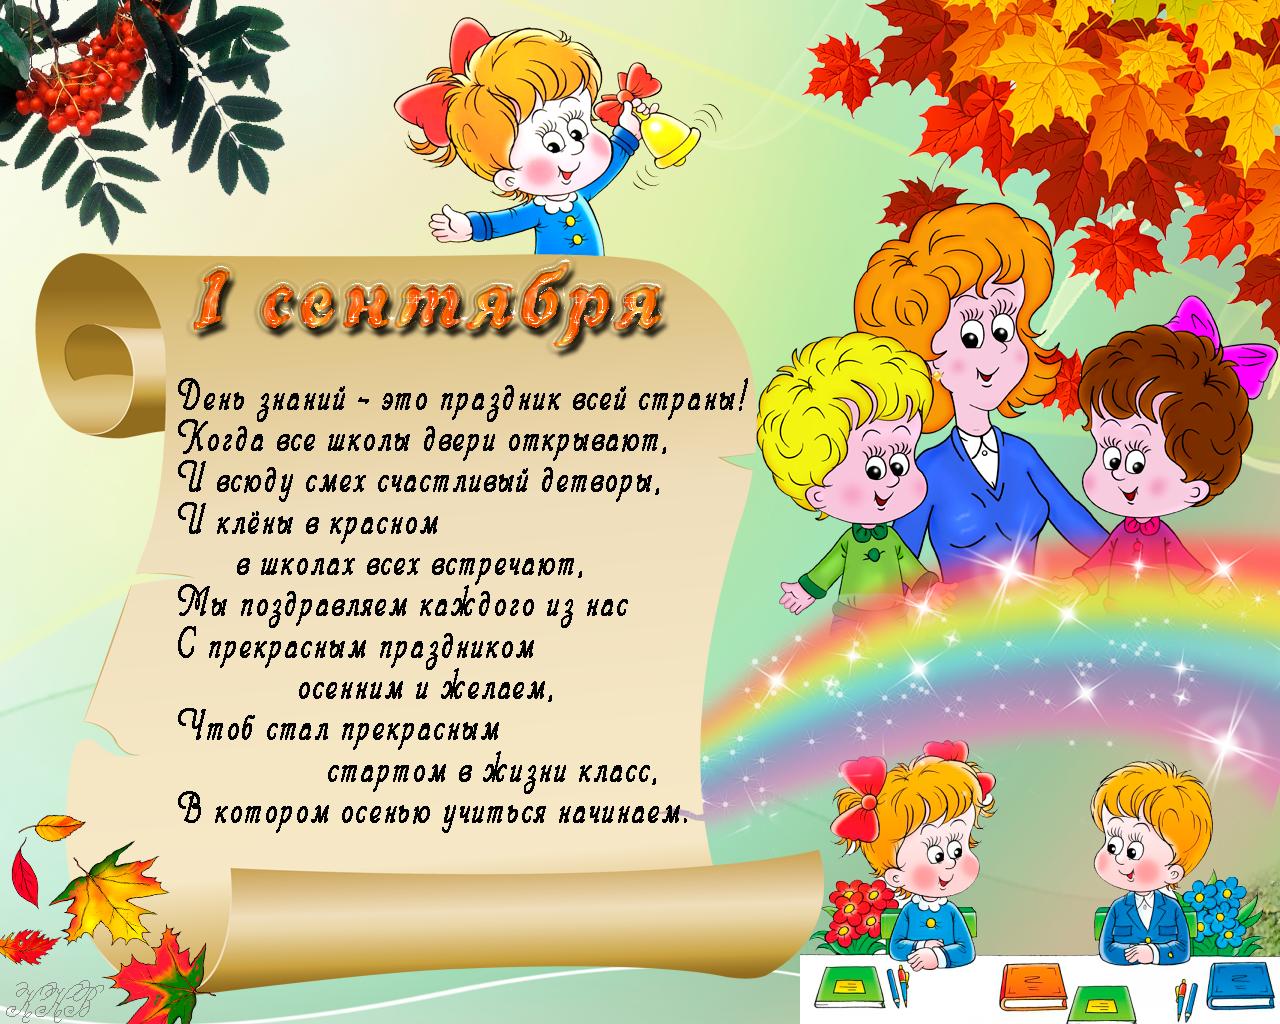 Поздравление учителем учеников и родителей с днем знаний